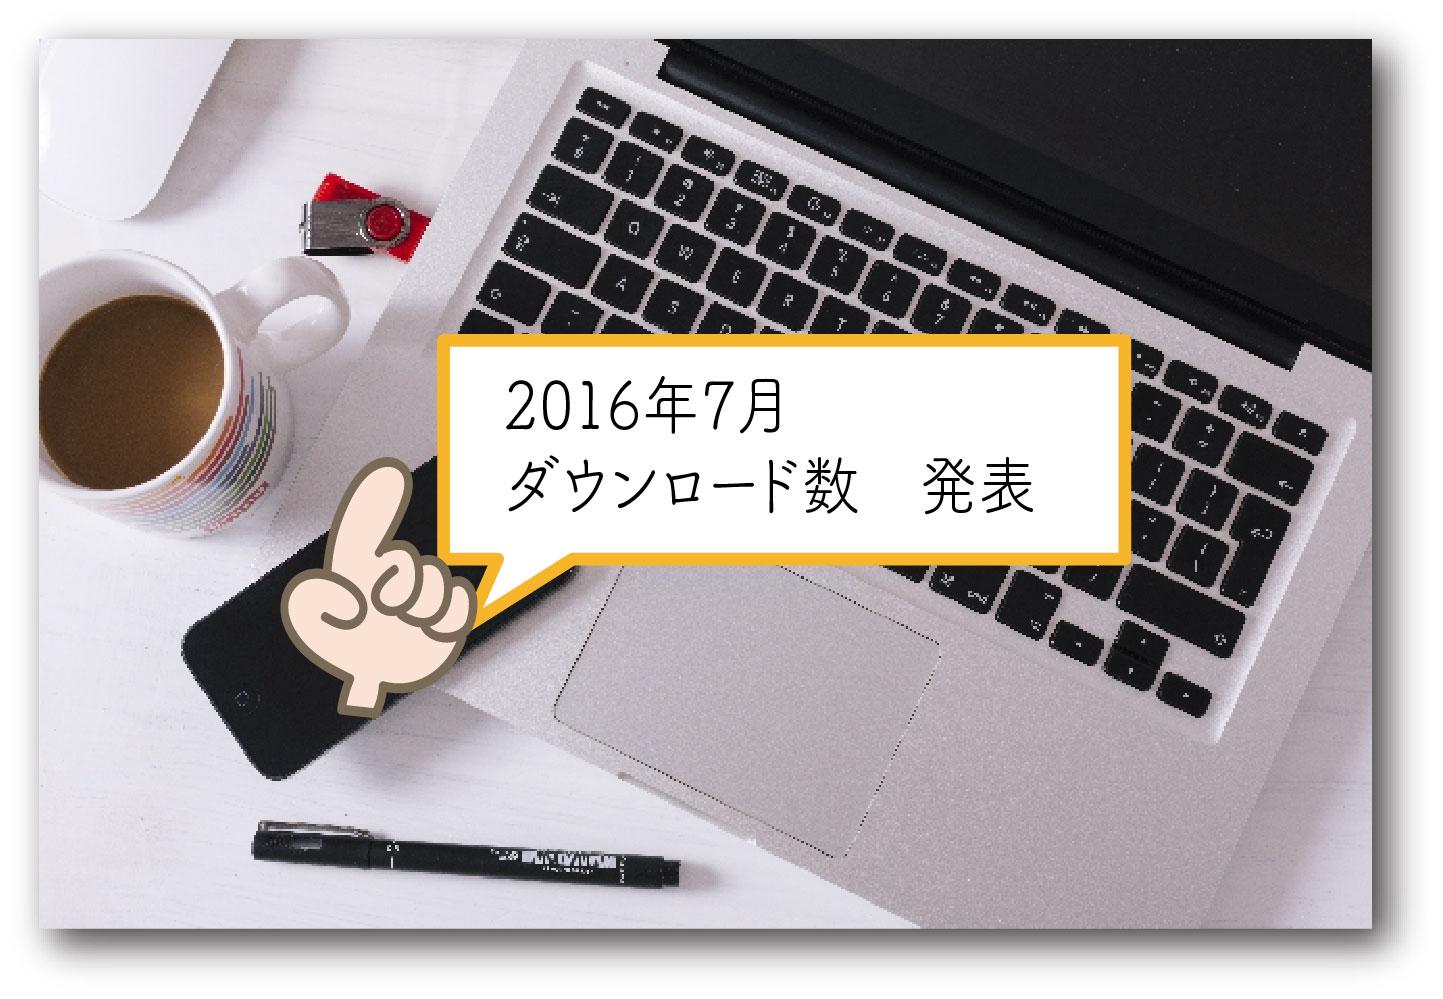 ネット副業「photo AC」写真を売る2016年7月結果発表!   一般社団 ...